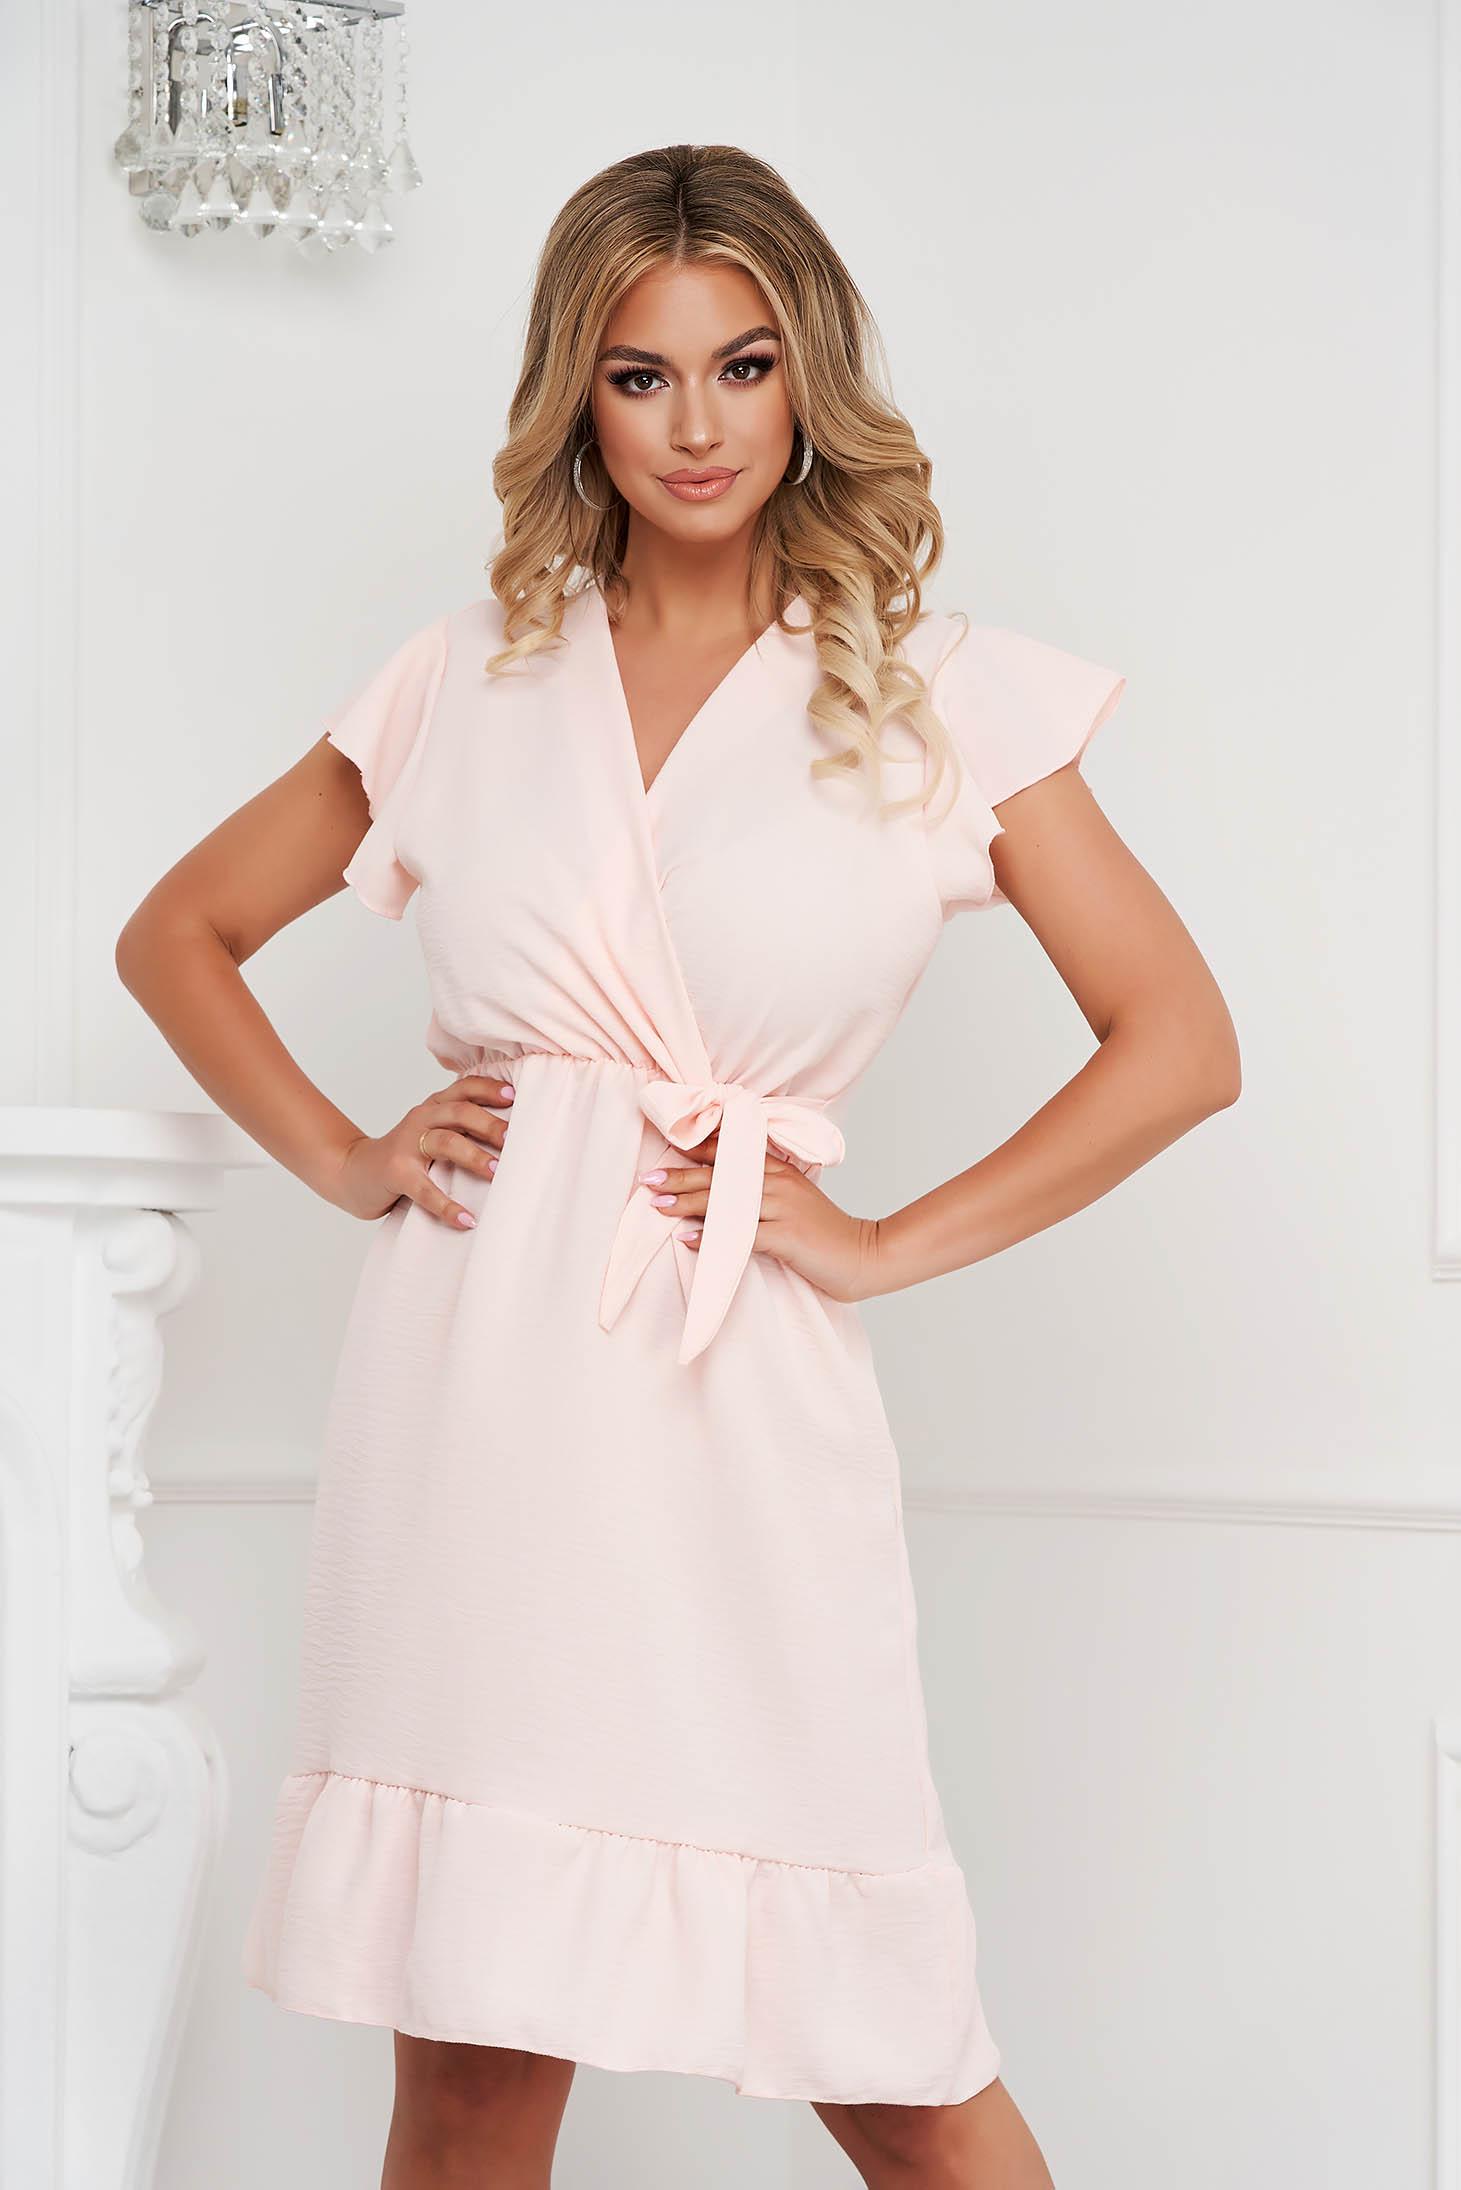 Fodros midi világos rózsaszínű ruha vékony anyagból harang alakú gumirozott derékrésszel